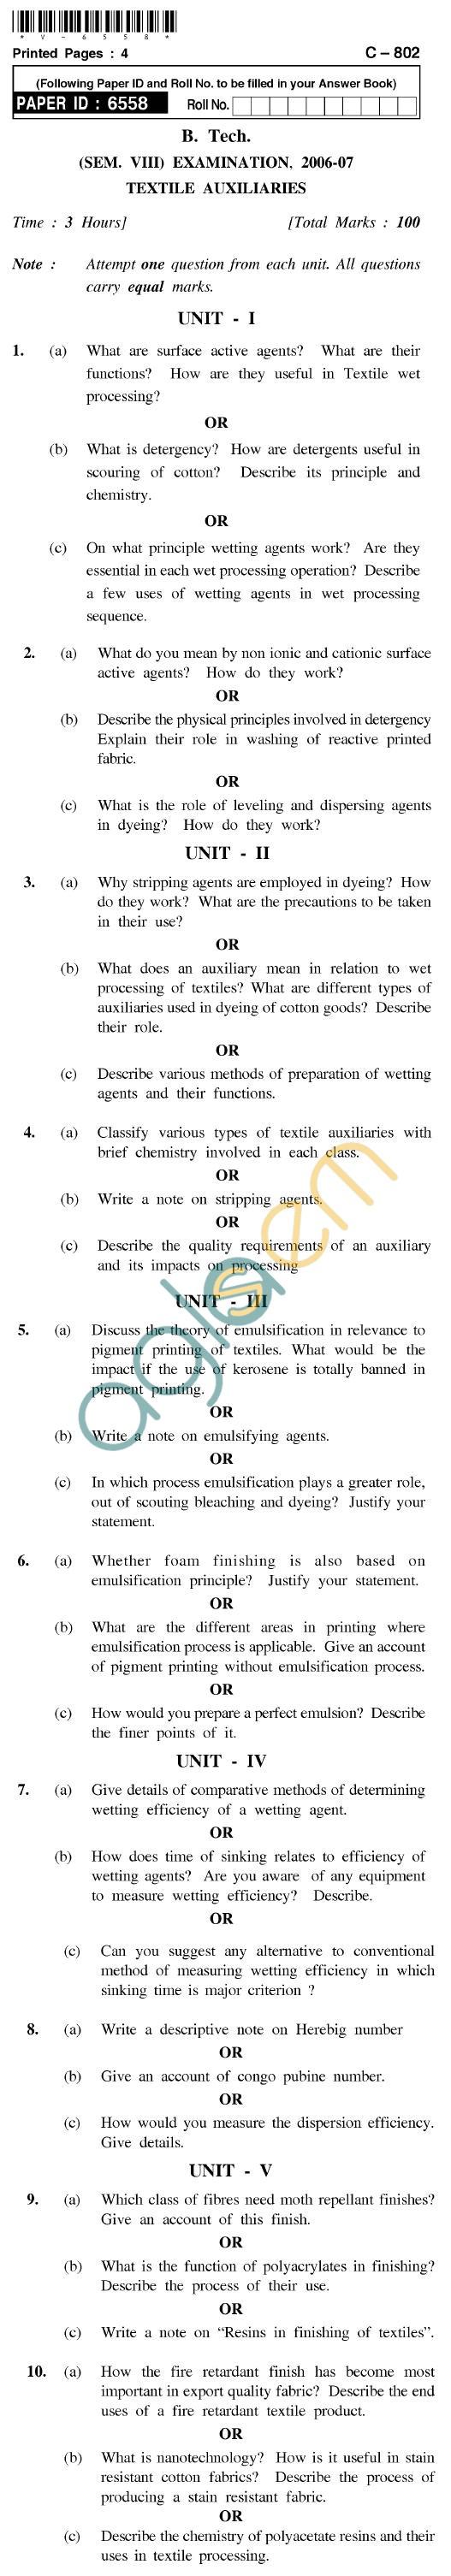 UPTU B.Tech Question Papers - C-802 - Textile Auxiliaries